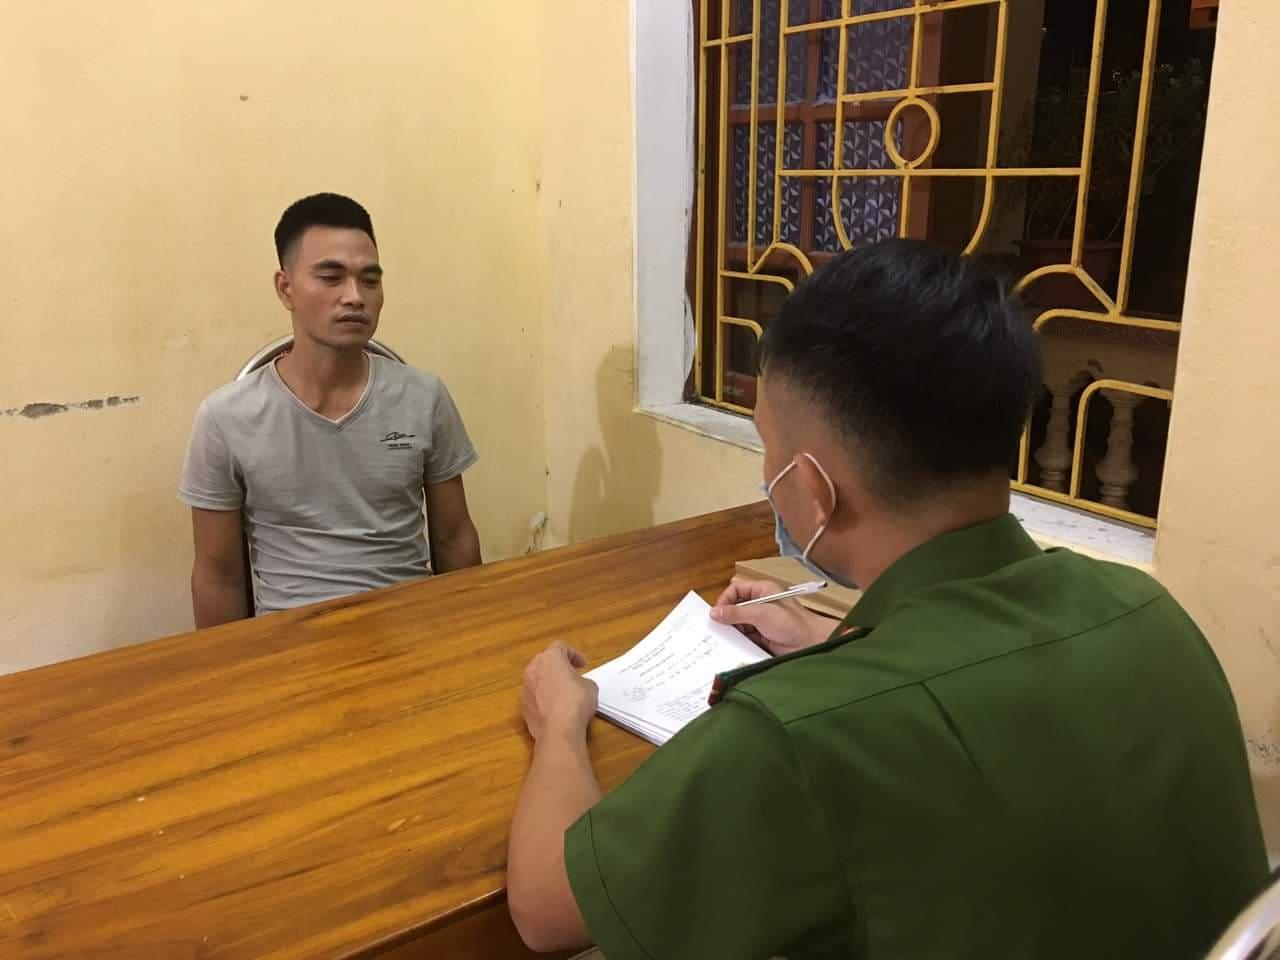 Bắt con nghiện giết người, cướp tài sản ở Phú Thọ trốn về Yên Bái - Ảnh 1.